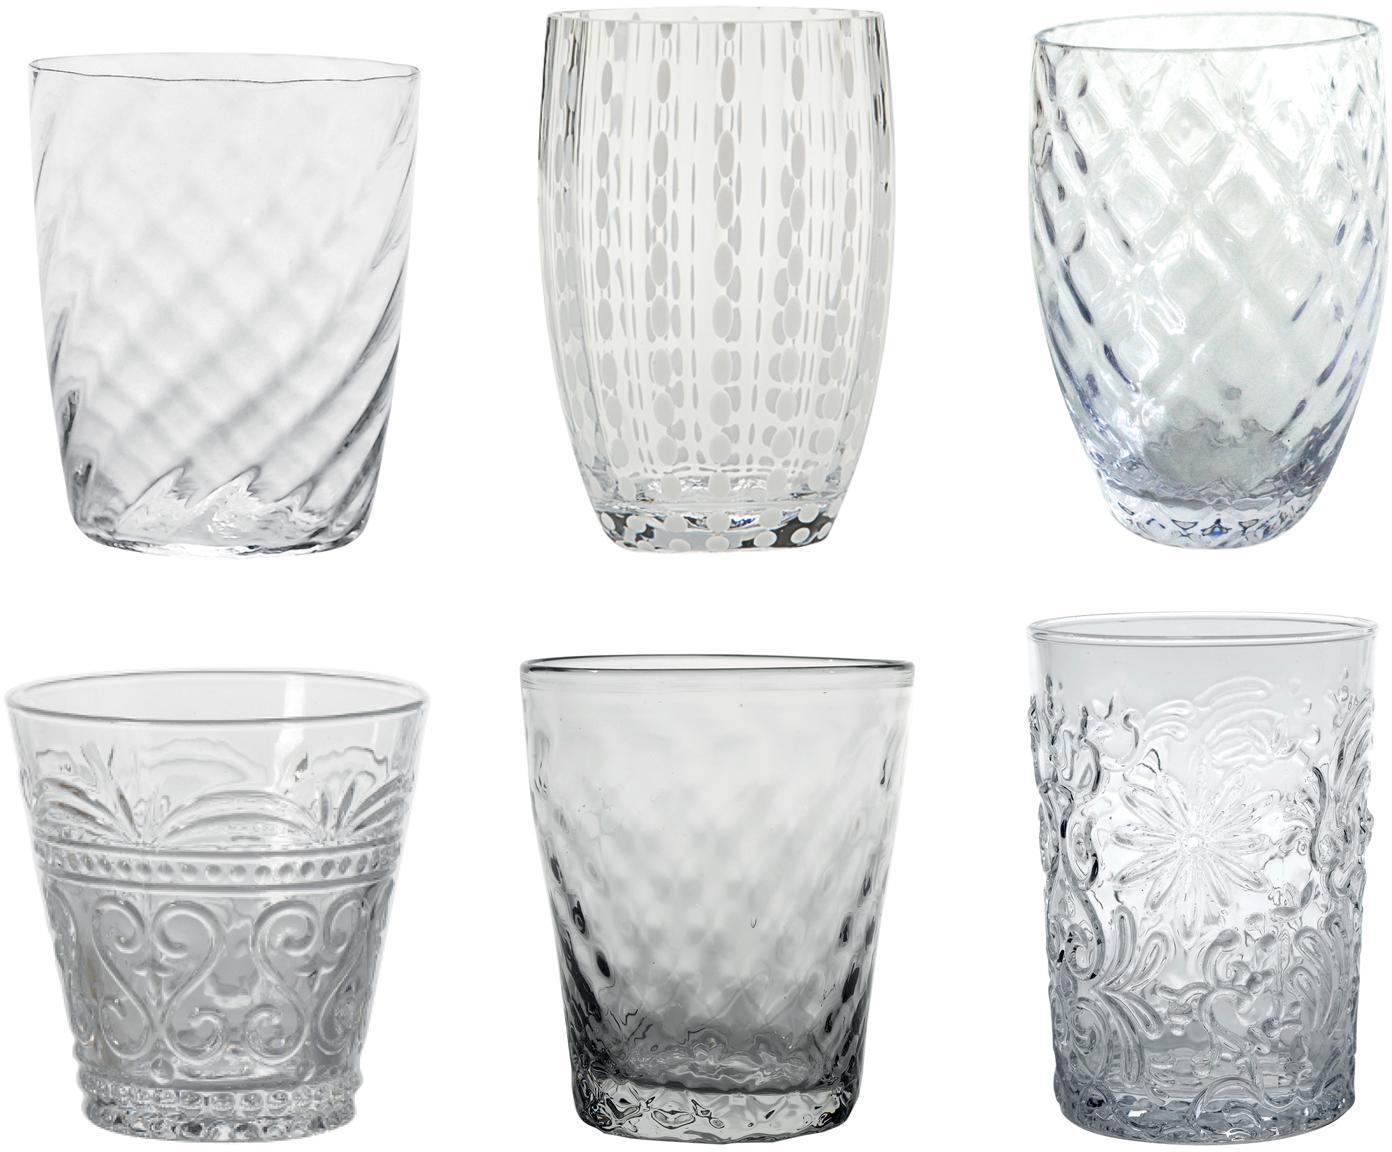 Vasos de vidrio soplado Melting Pot Calm, 6uds., Vidrio, Transparente, blanco, Tamaños diferentes